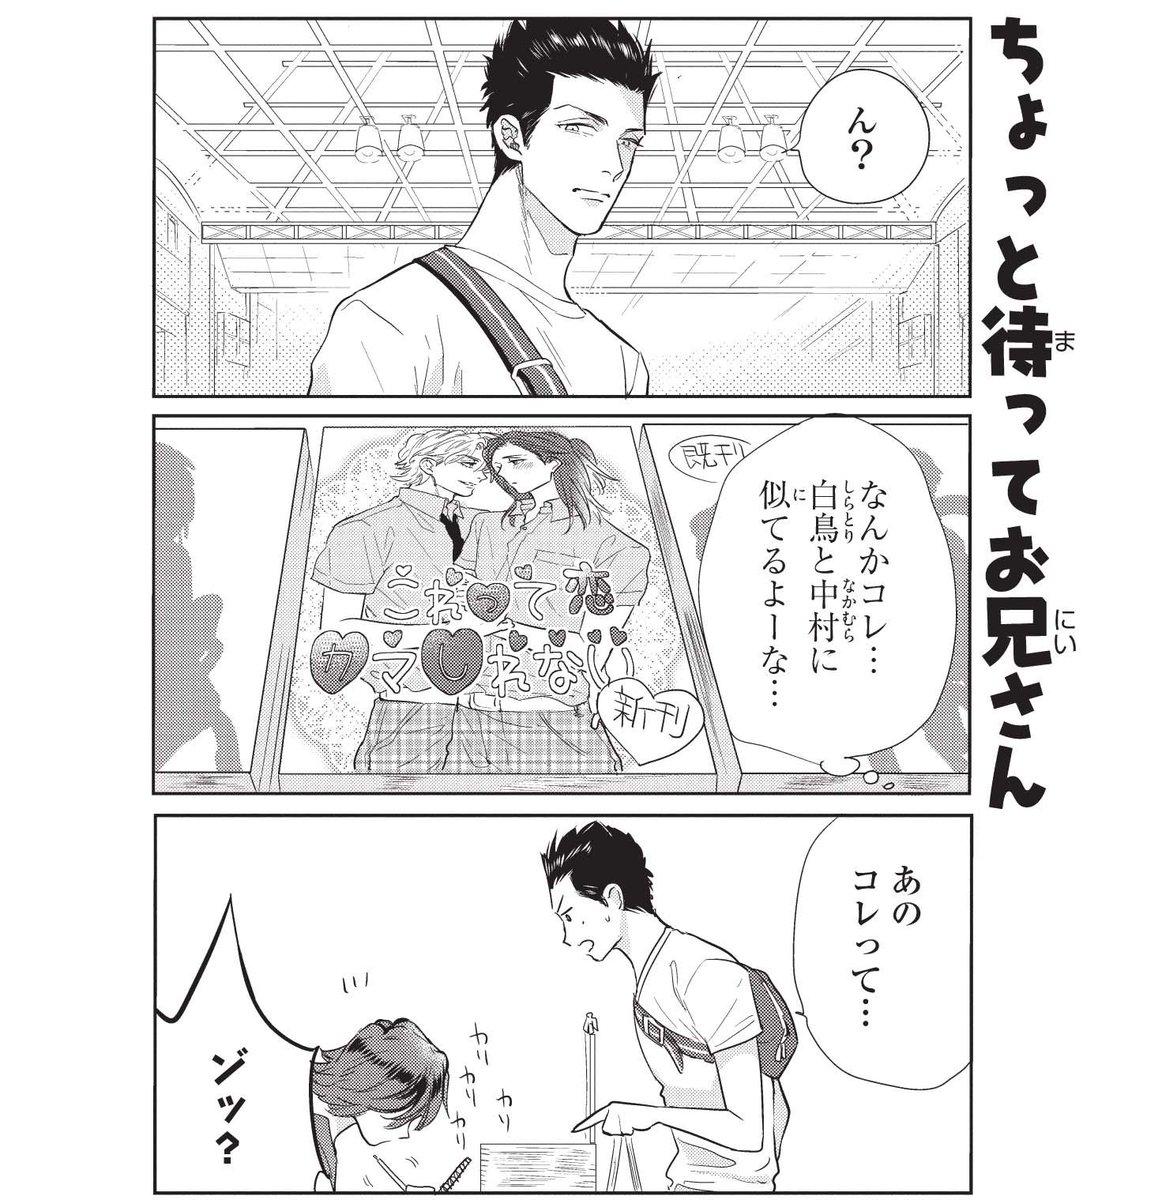 【pixivコミック】「腐男子高校生活」第8話更新!ついに戦場へと足を踏み入れたぐっち。そこで見つけたのはなんと…!?